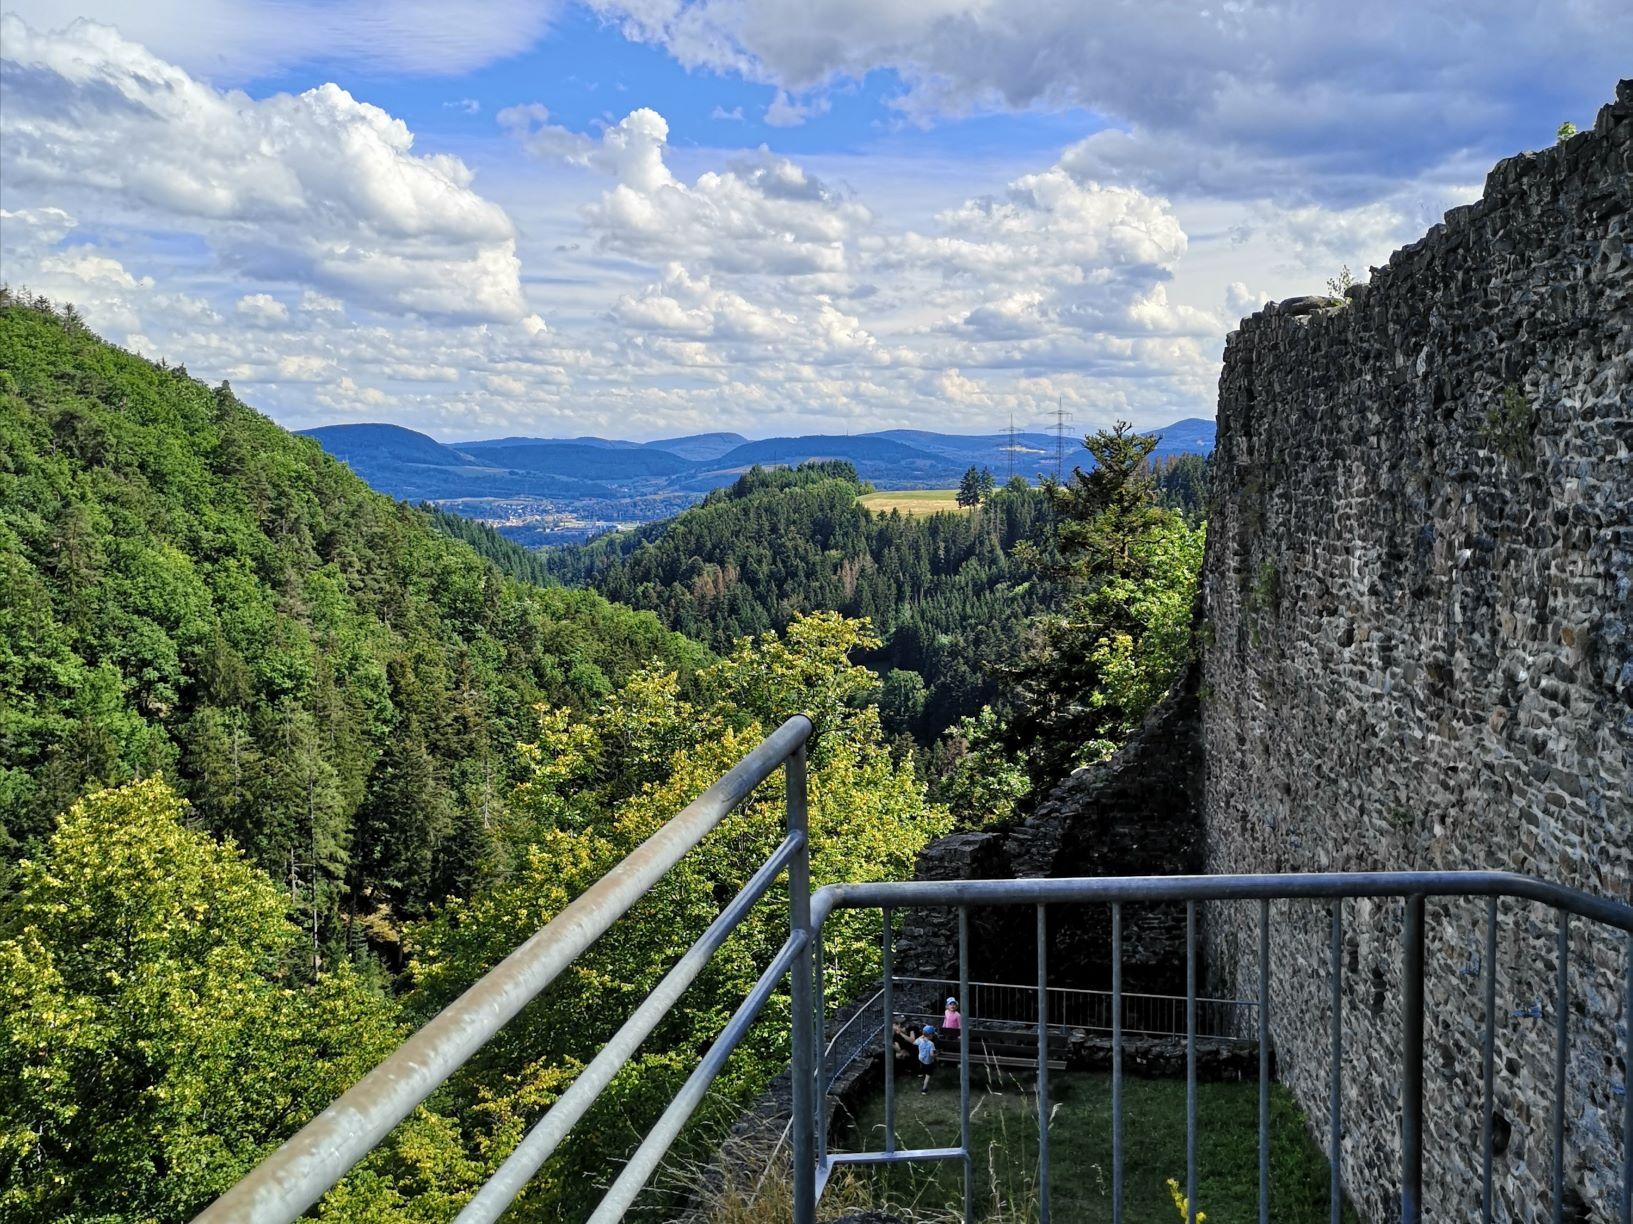 Aussicht, Mittelplateau, Burgruine, Burg,  Wieladingen, Rickenbach, Wandern, Landschaft, Aussicht, Aussichtsturm, Natur, Wald, Berg, Hoch